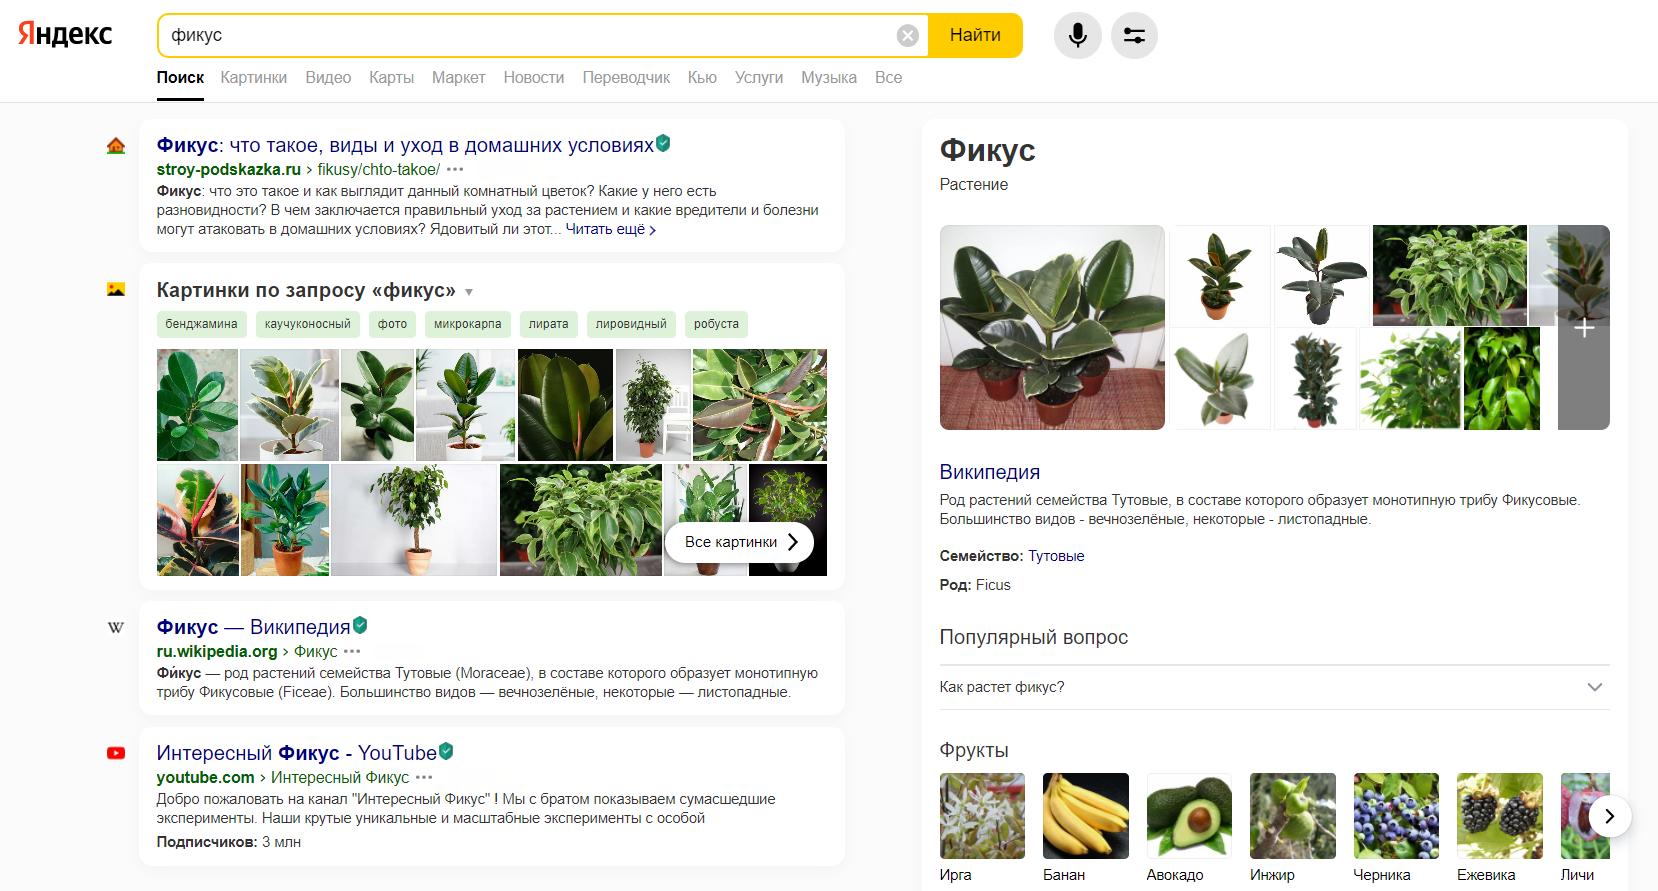 Яндекс обновил дизайн поисковой выдачи1